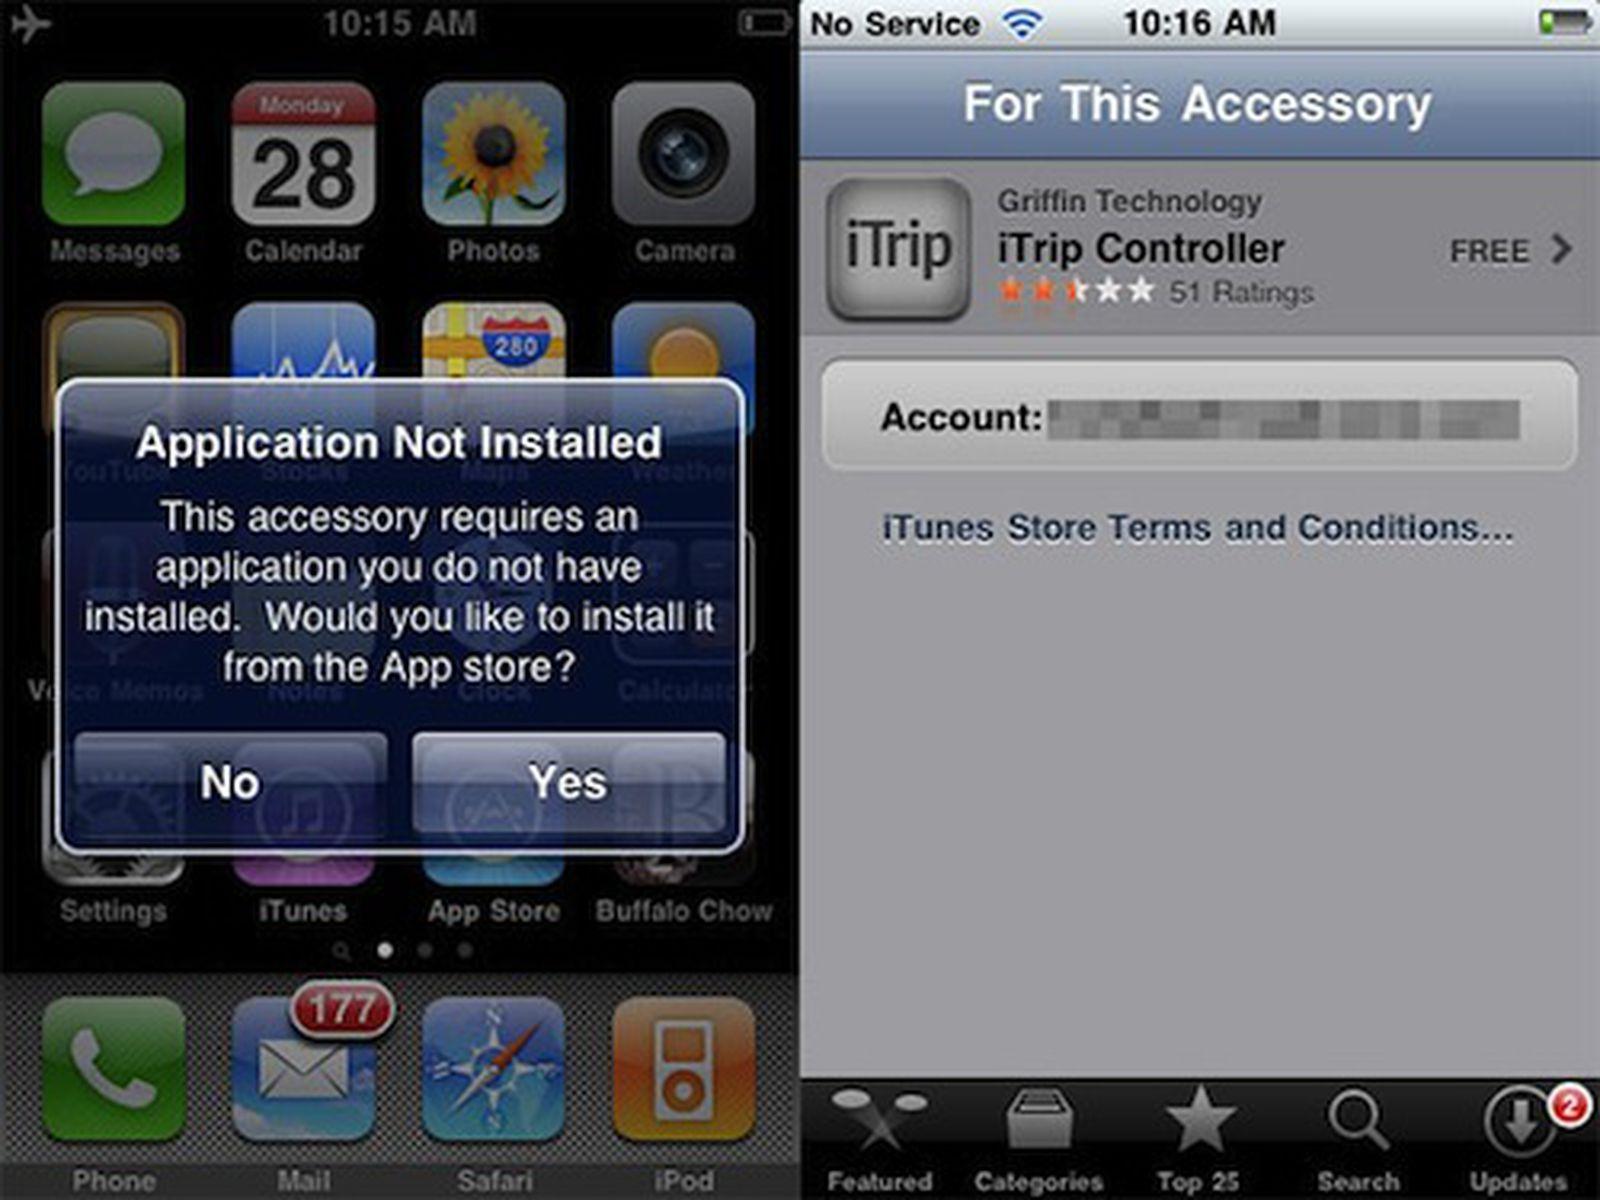 iPhone Hardware Accessories Prompt App Downloads - MacRumors